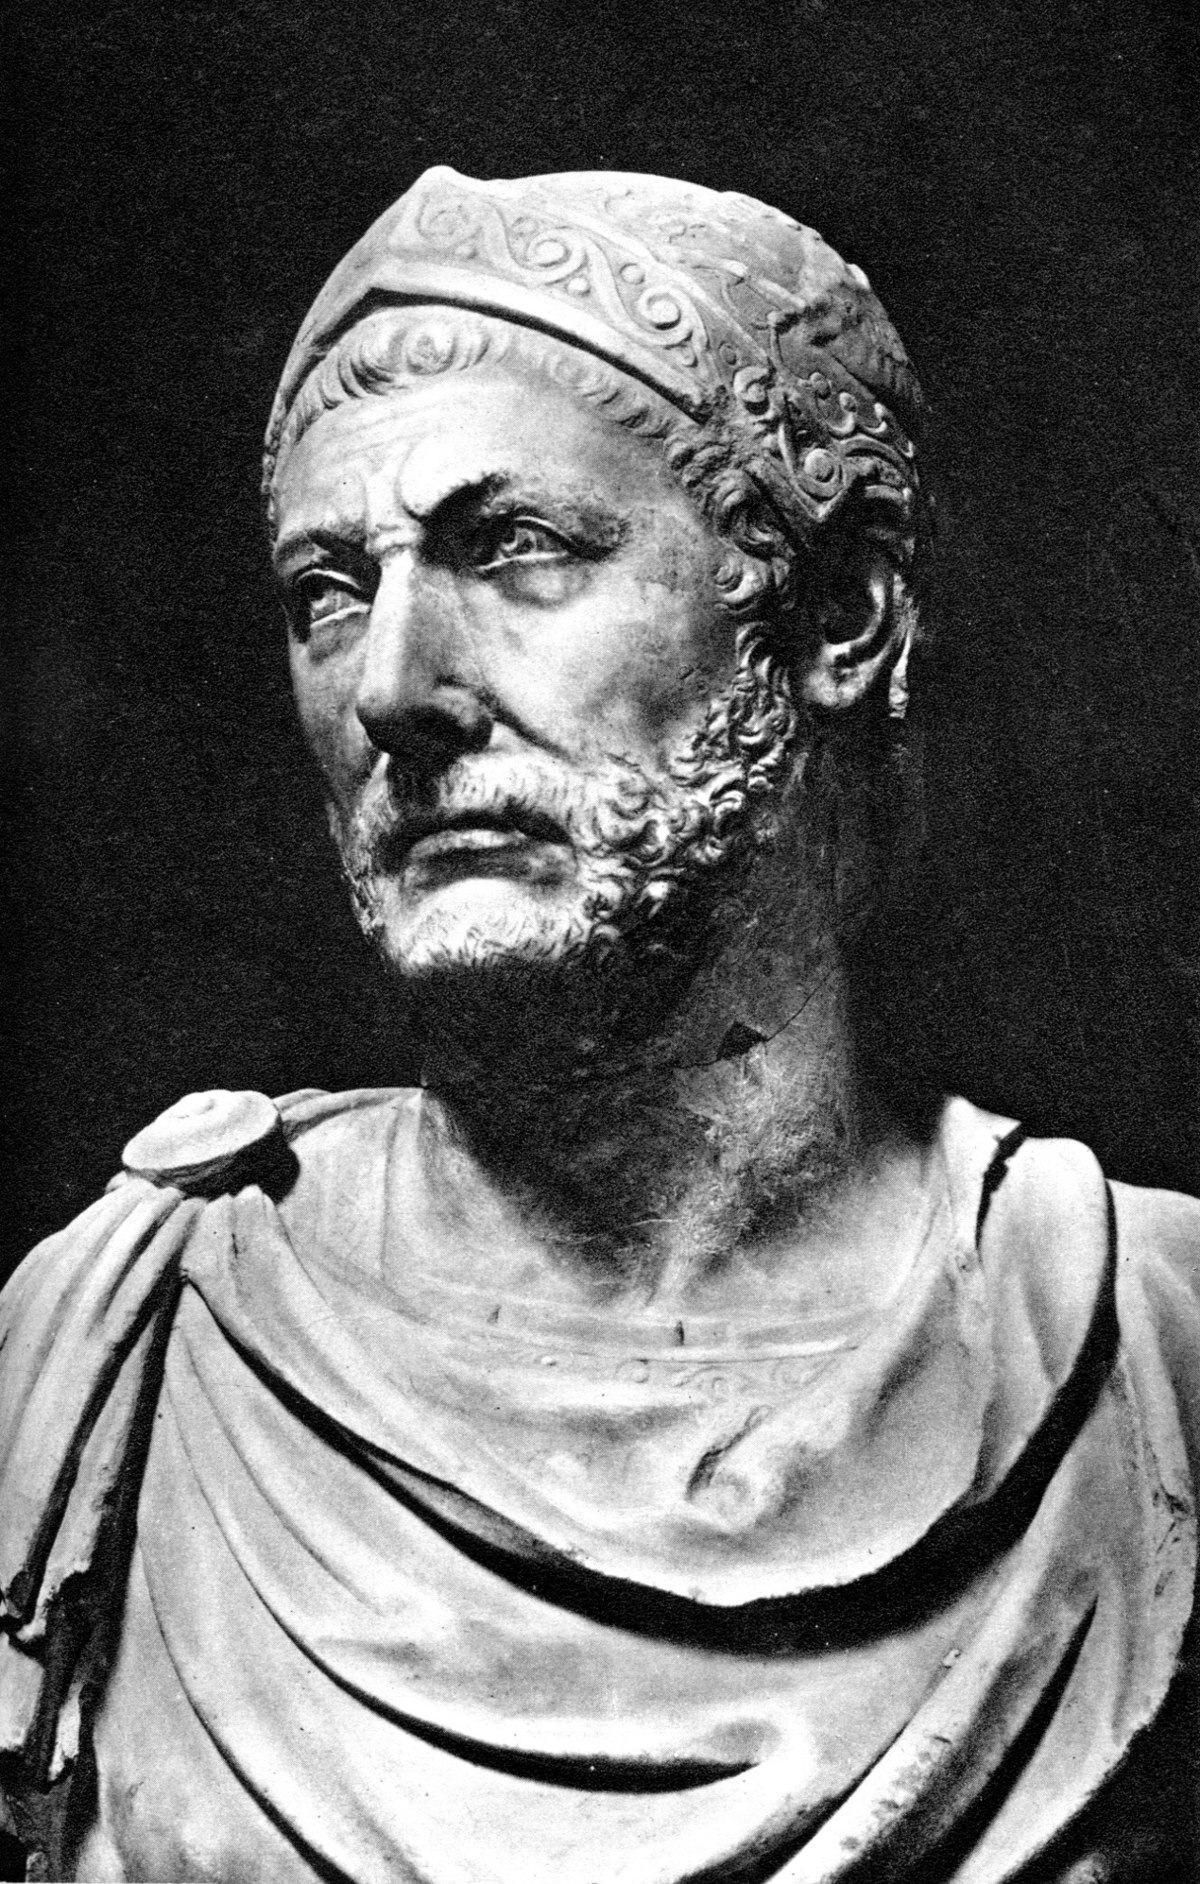 Cei mai buni comandanți militari din istorie – Hannibal